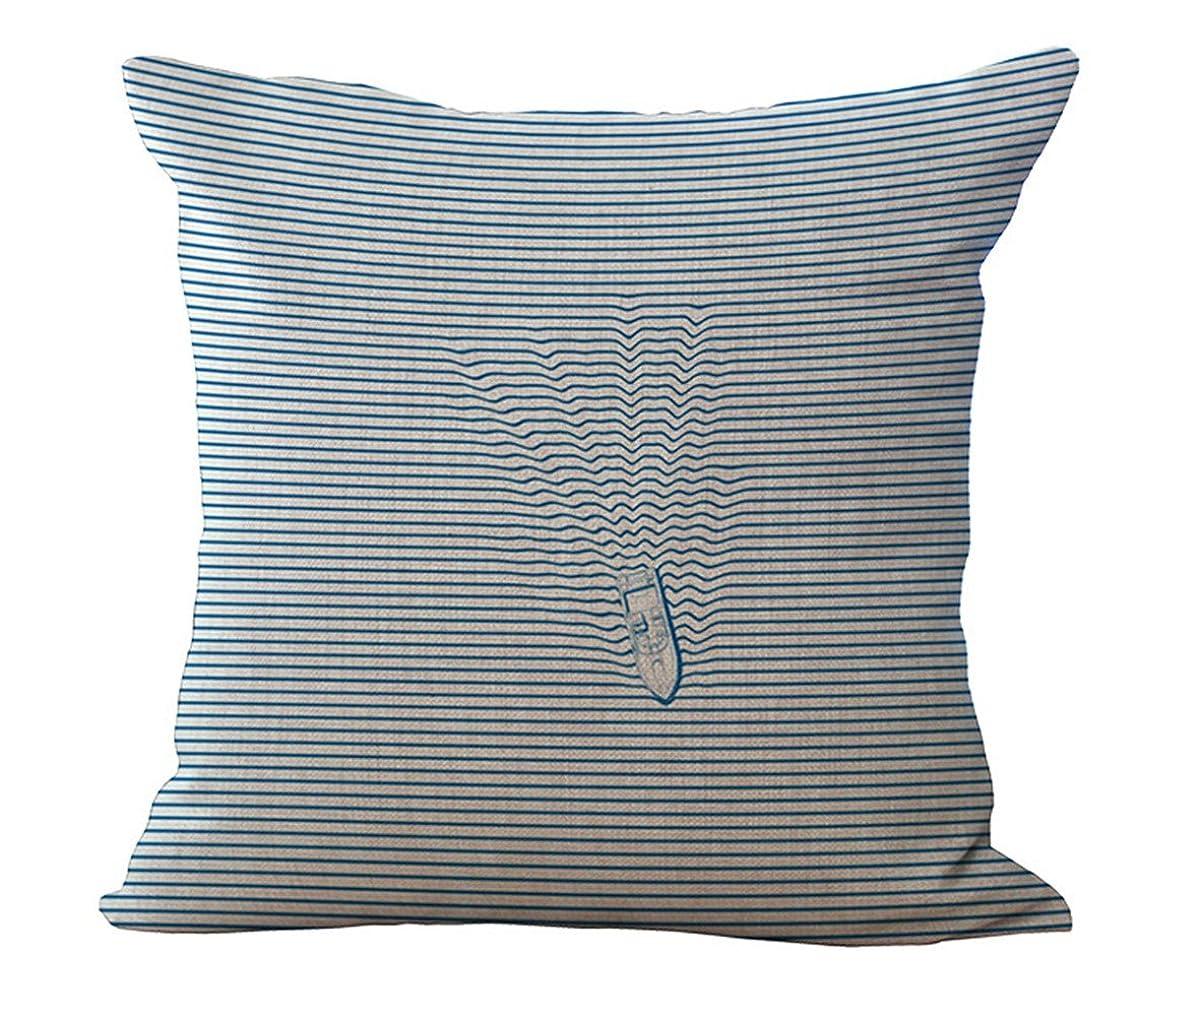 患者高潔な最終的にBQ 正方形装飾枕カバー クッションカバー 45x45cm 神秘的な青い海 鯨 魚 鮫 海の波 柄 抱き枕カバー ソファの装飾 家の装飾